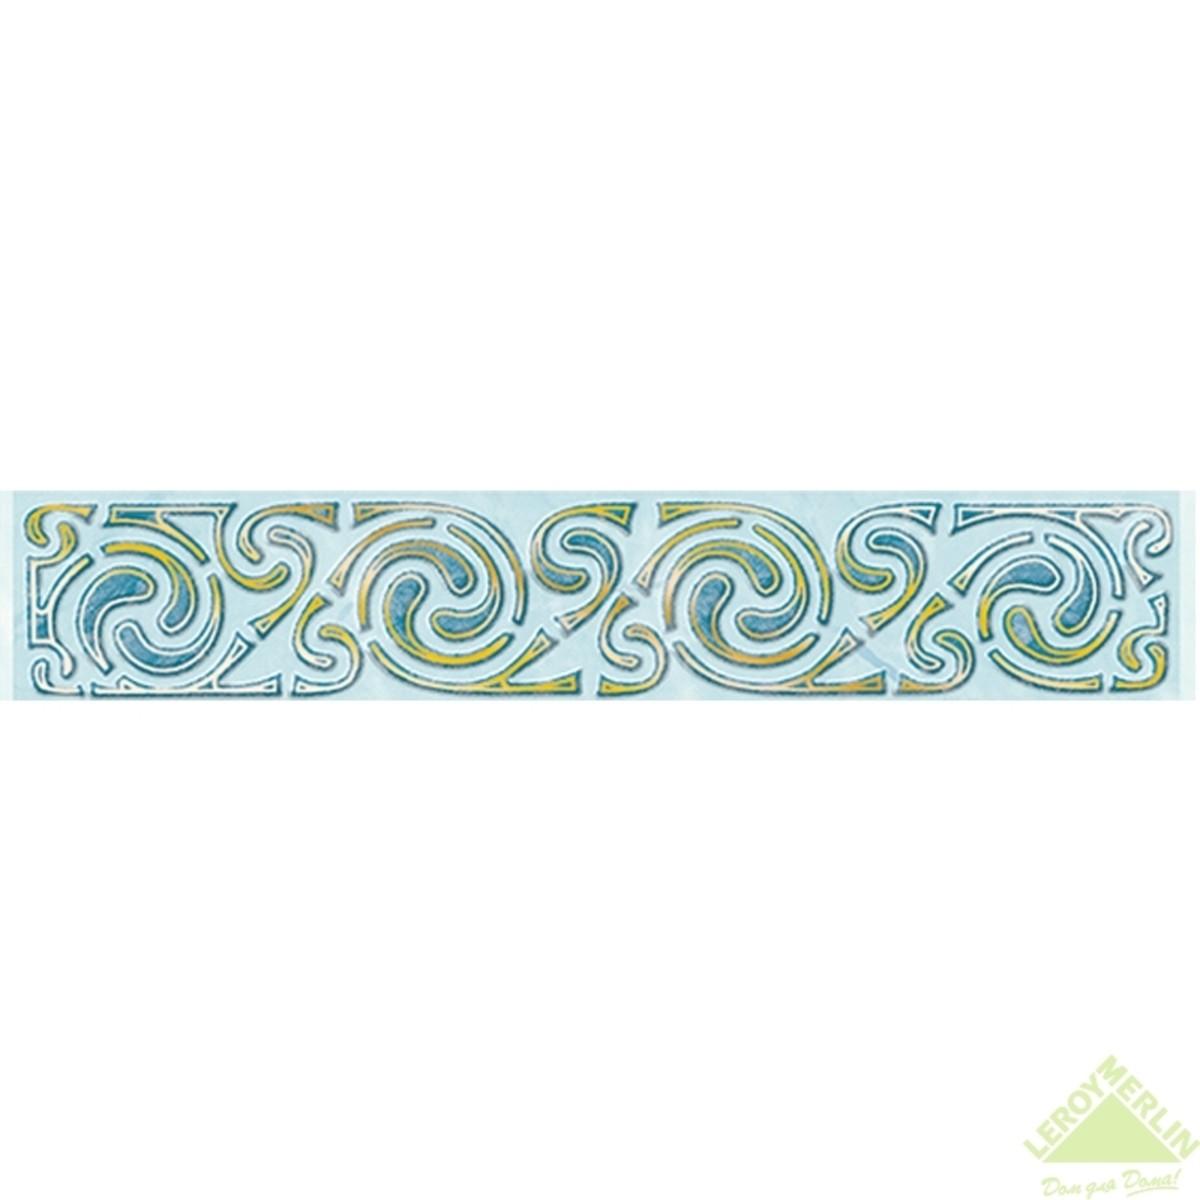 Бордюр декоративный для облицовки стен Веста С1 цвет голубой 20х35 см